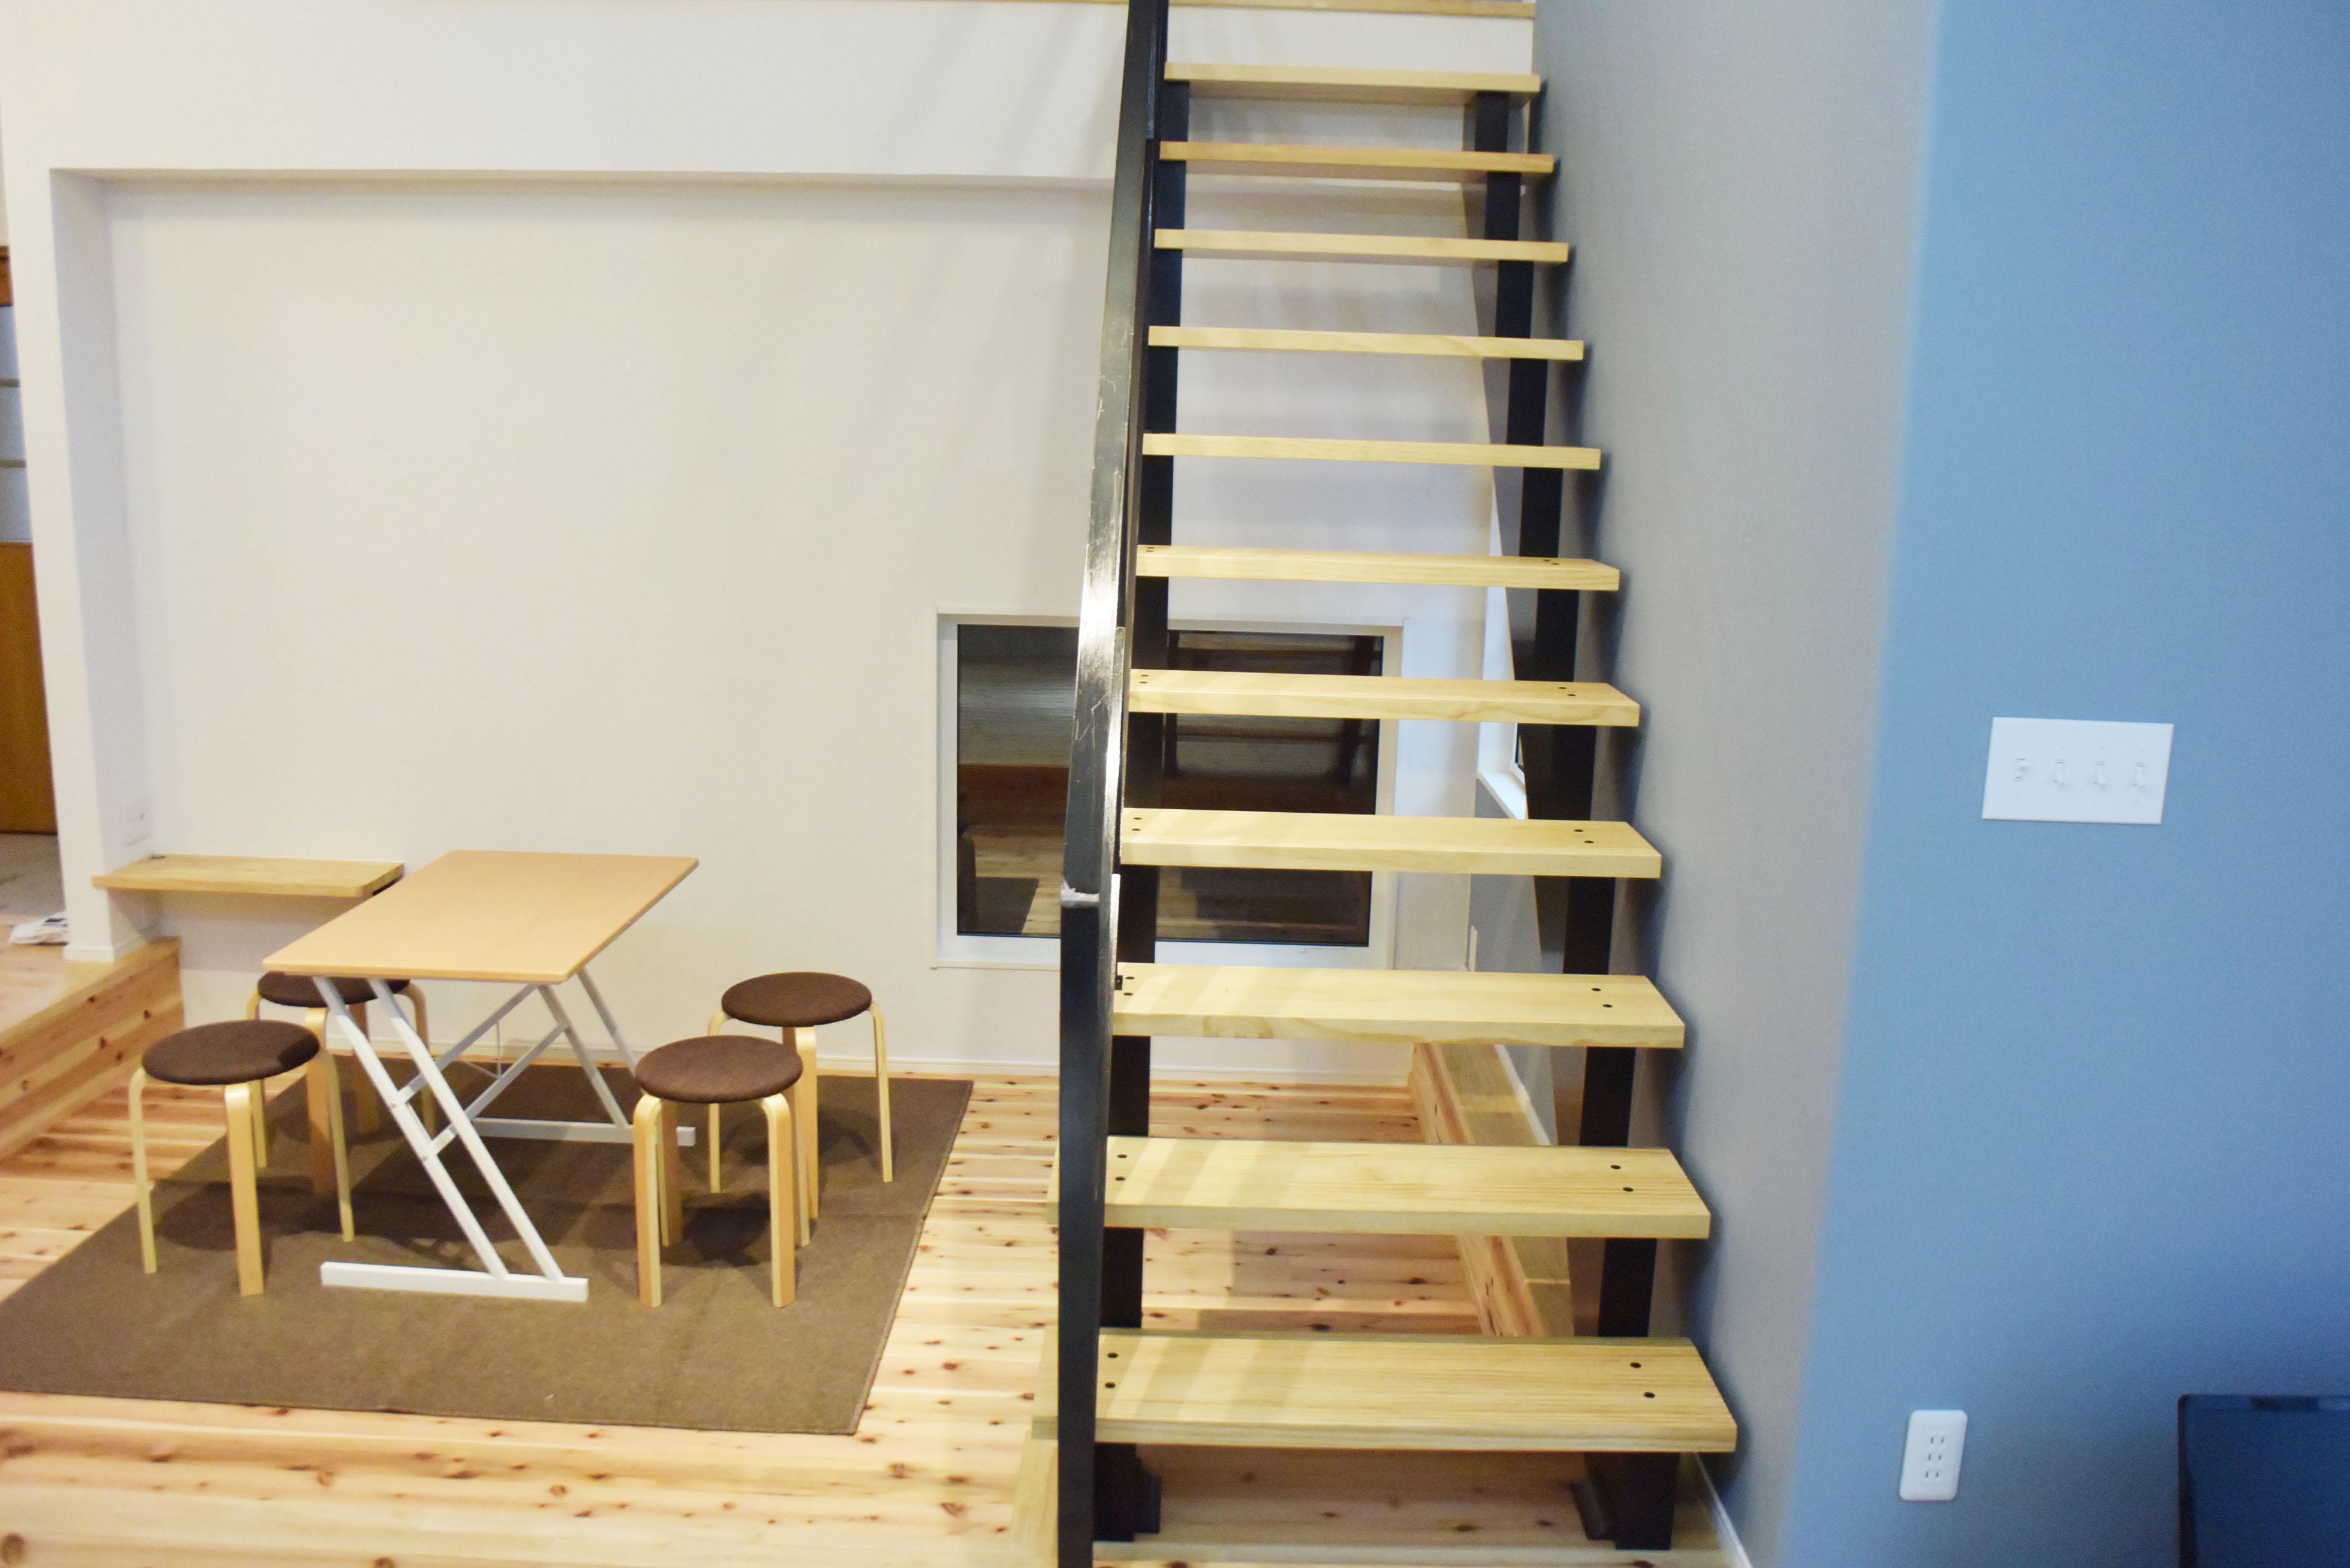 節のある杉板のフローリング、合板の棚板、DIYによる塗装・珪藻土塗りなど。